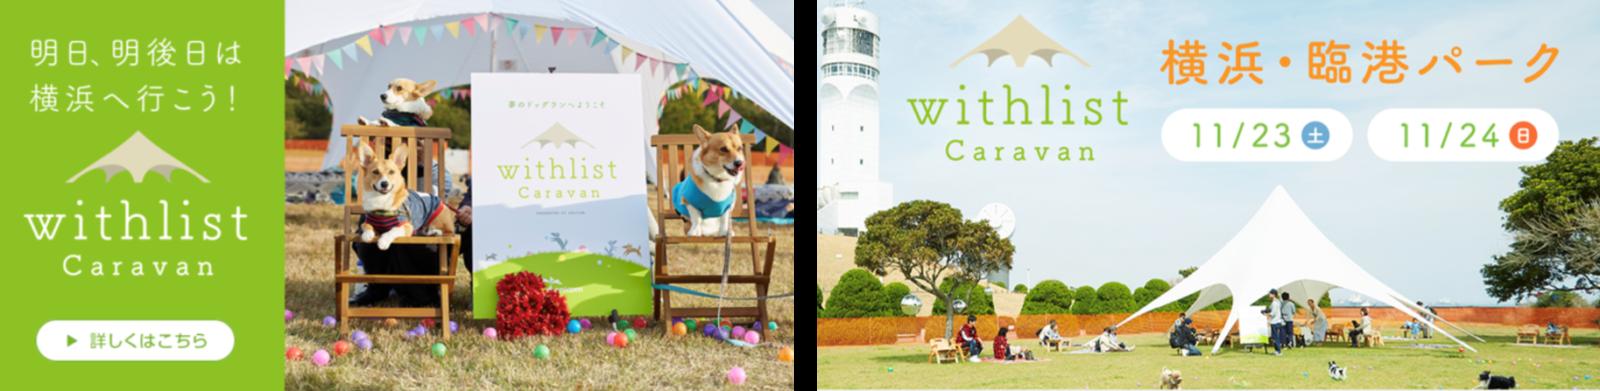 「夢の1日」を叶える「withlist Caravan」のイメージバナー